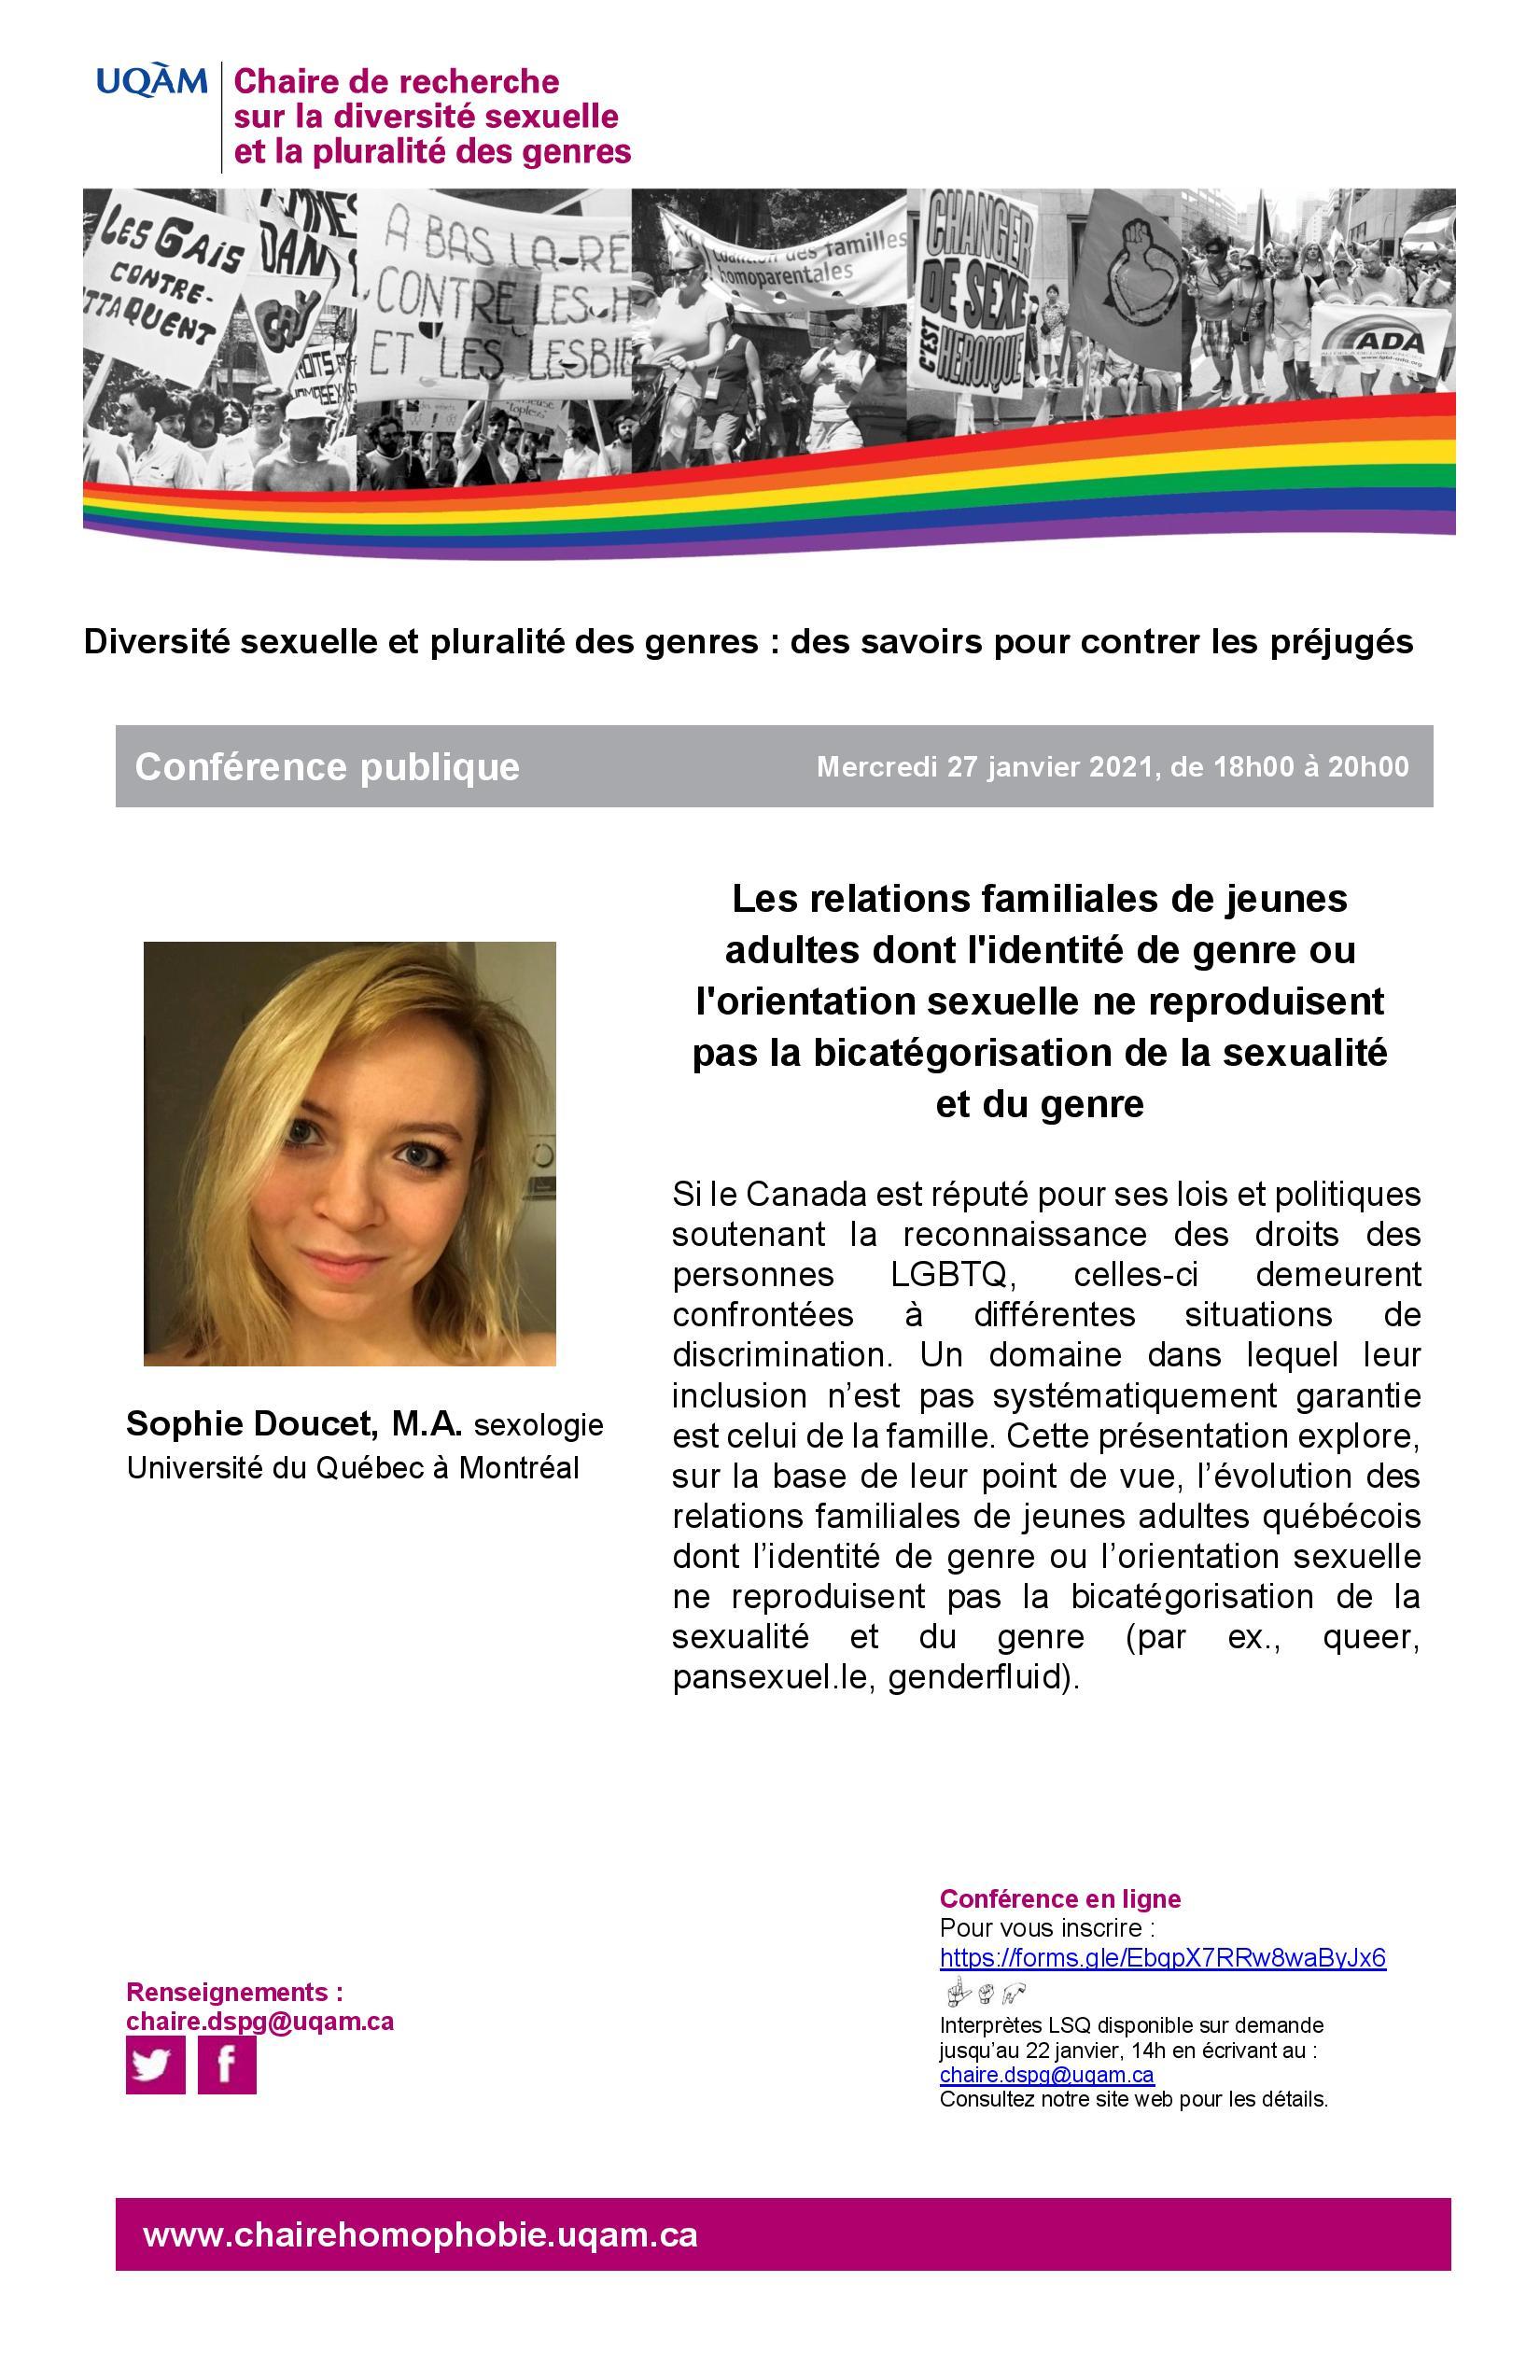 Conférence publique | Les relations familiales de jeunes adultes dont l'identité de genre ou l'orientation sexuelle ne reproduisent pas la bicatégorisation de la sexualité et du genre